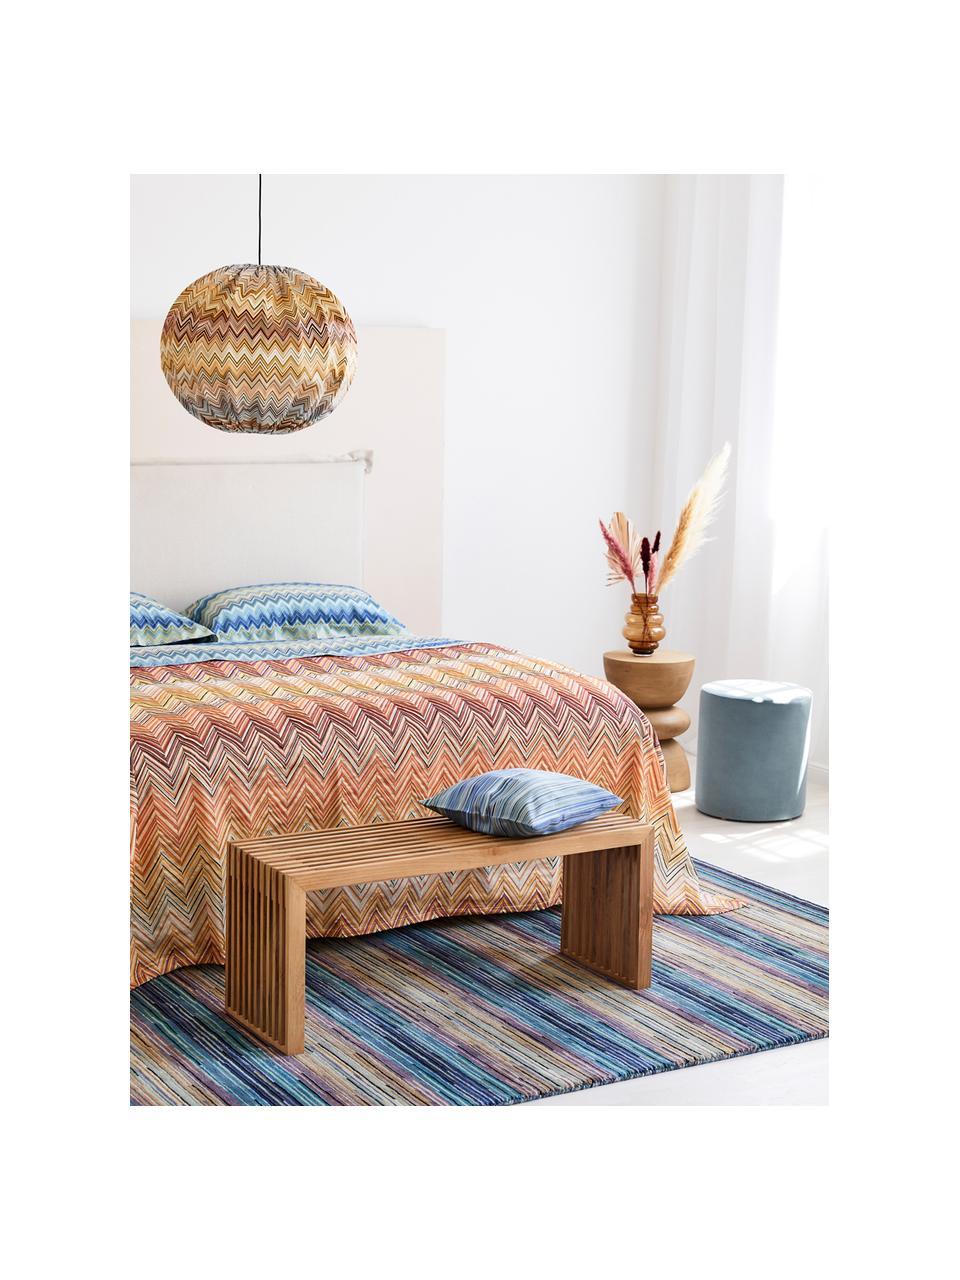 Panchina moderna in legno di teak massiccio Rib, Legno di teak, Teak, Larg. 104 x Alt. 43 cm